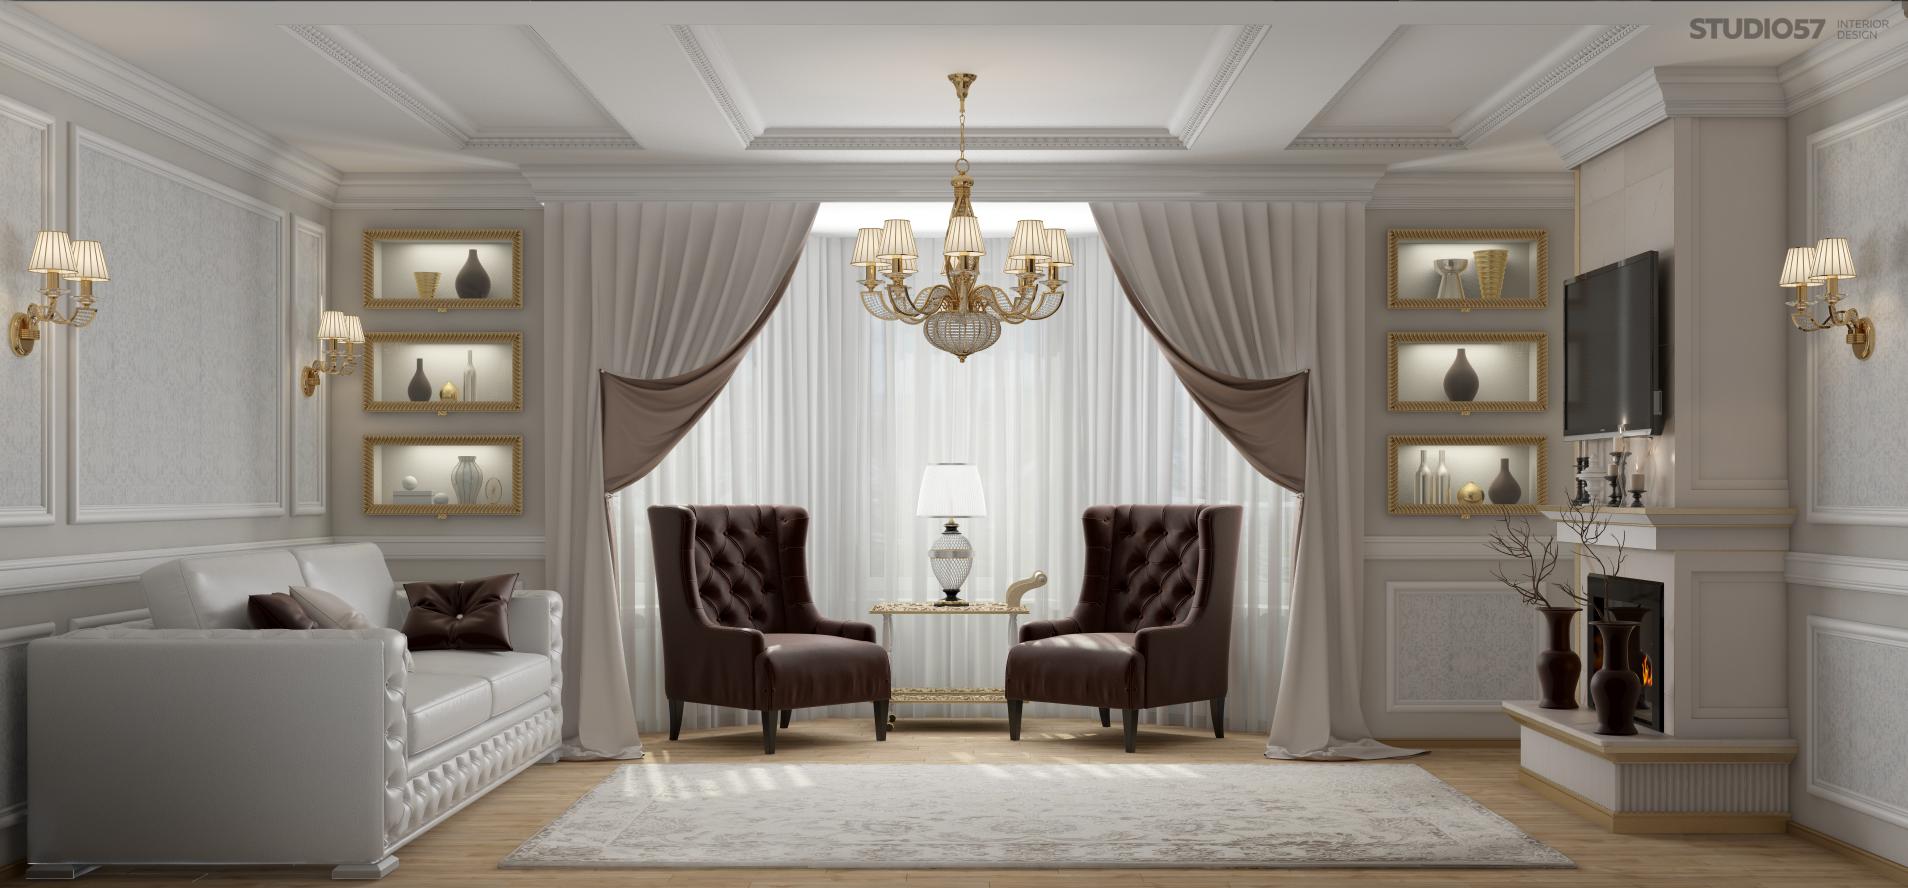 Квартира в стиле классика фото